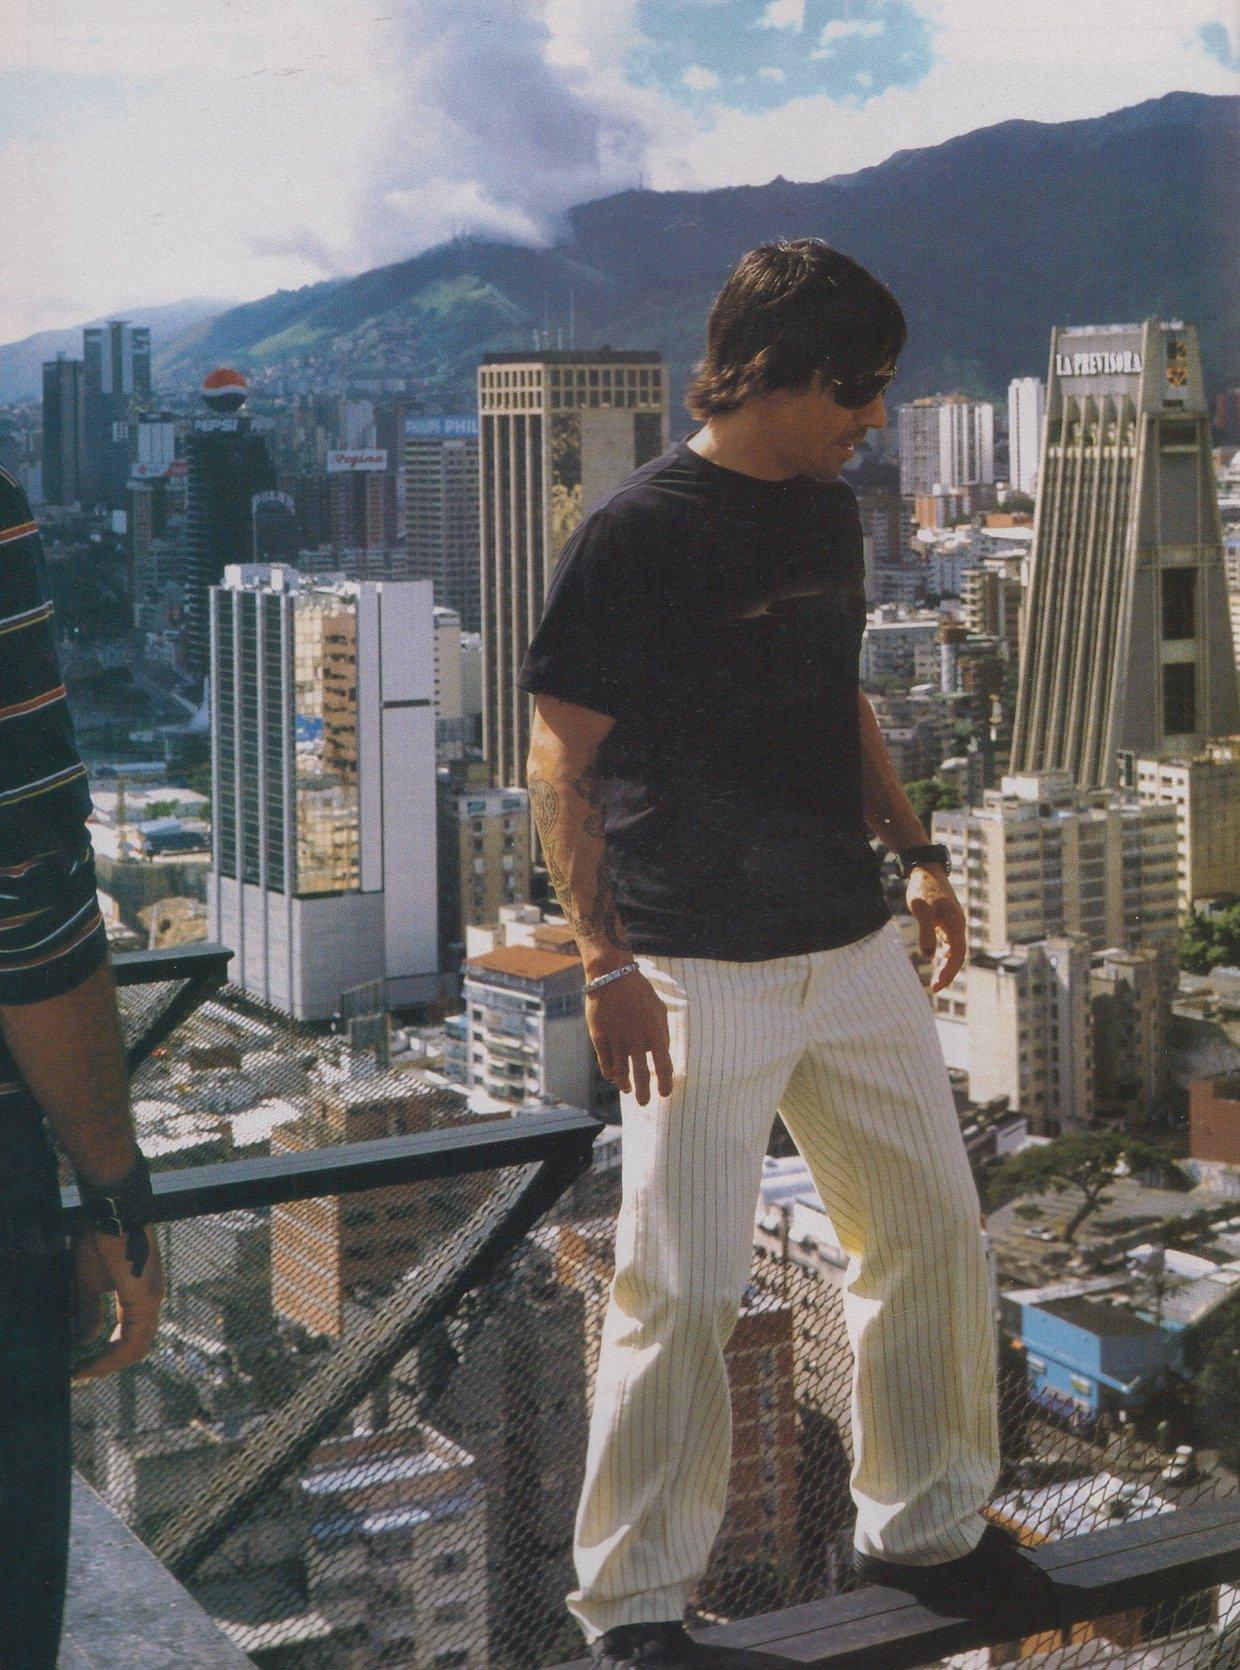 Anthony Kiedis sobre una viga en lo alto de un edificio en Caracas, Venezuela. 2002 Foto Cortesia